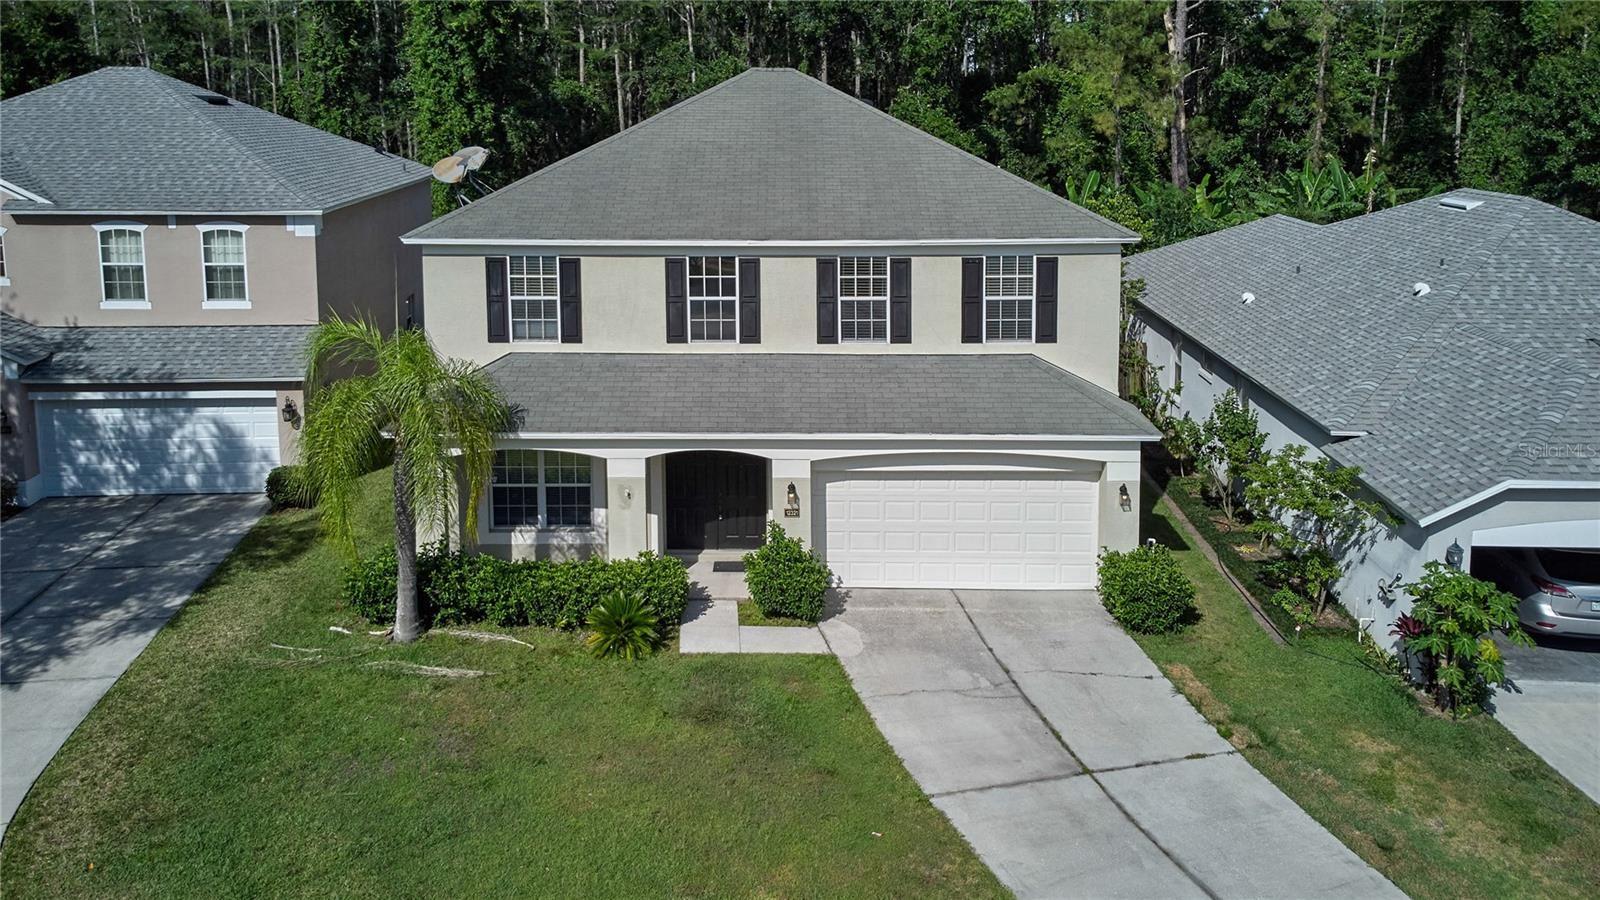 12321 CAPE SOUND COVE, Orlando, FL 32825 - #: O5946940